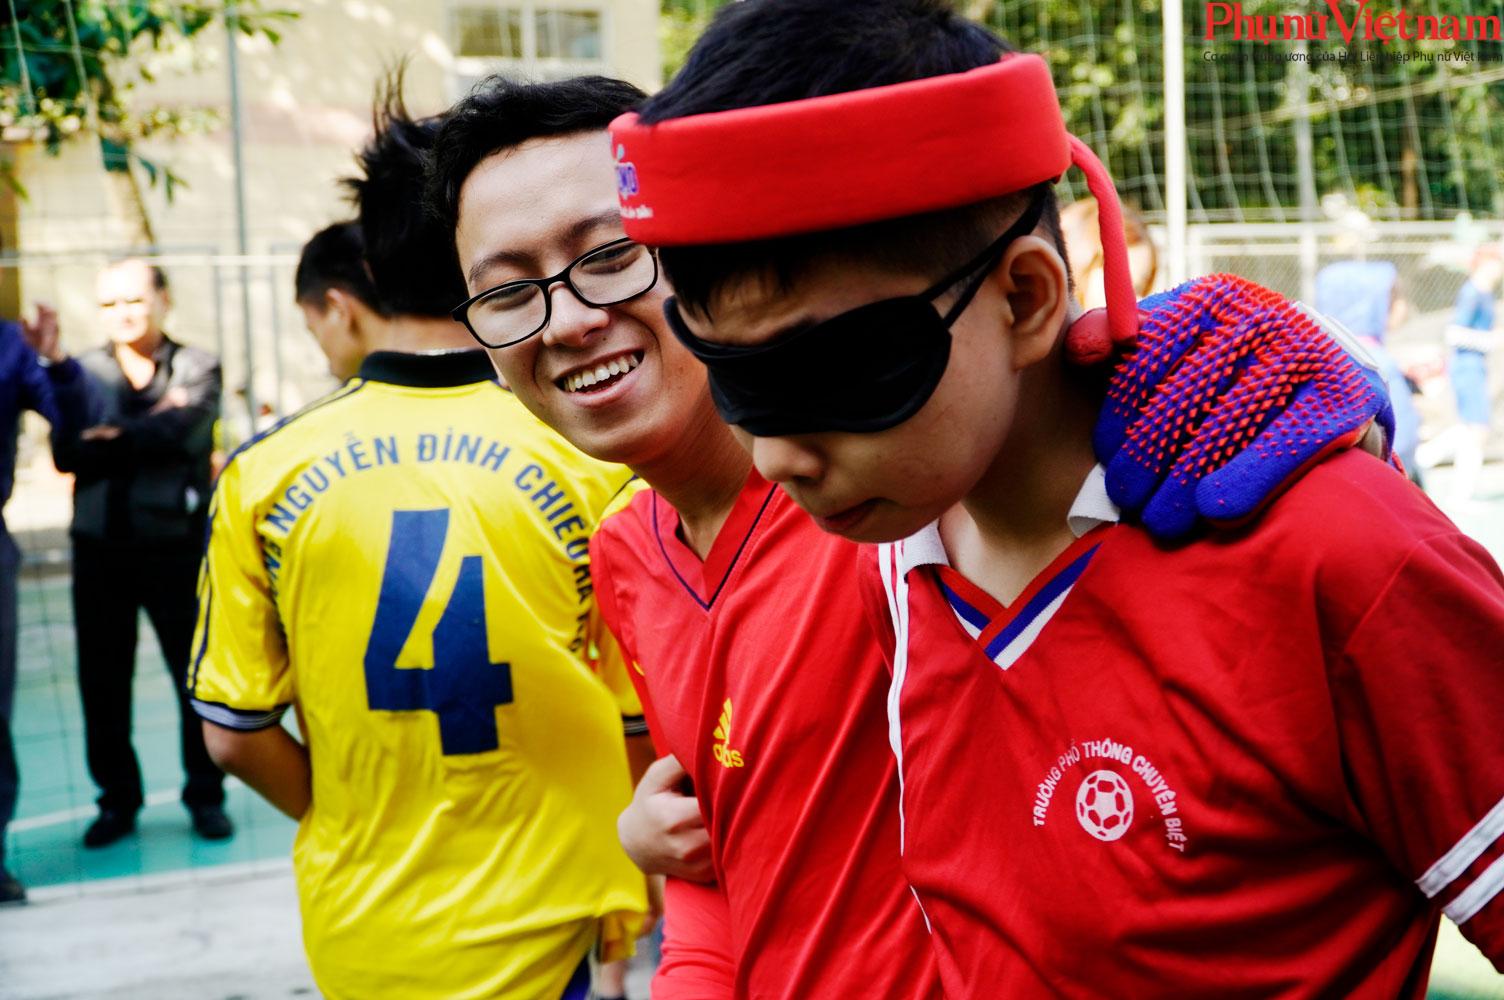 """Trận bóng đá đặc biệt của những đứa trẻ """"đá bóng bằng tai""""  - Ảnh 20."""